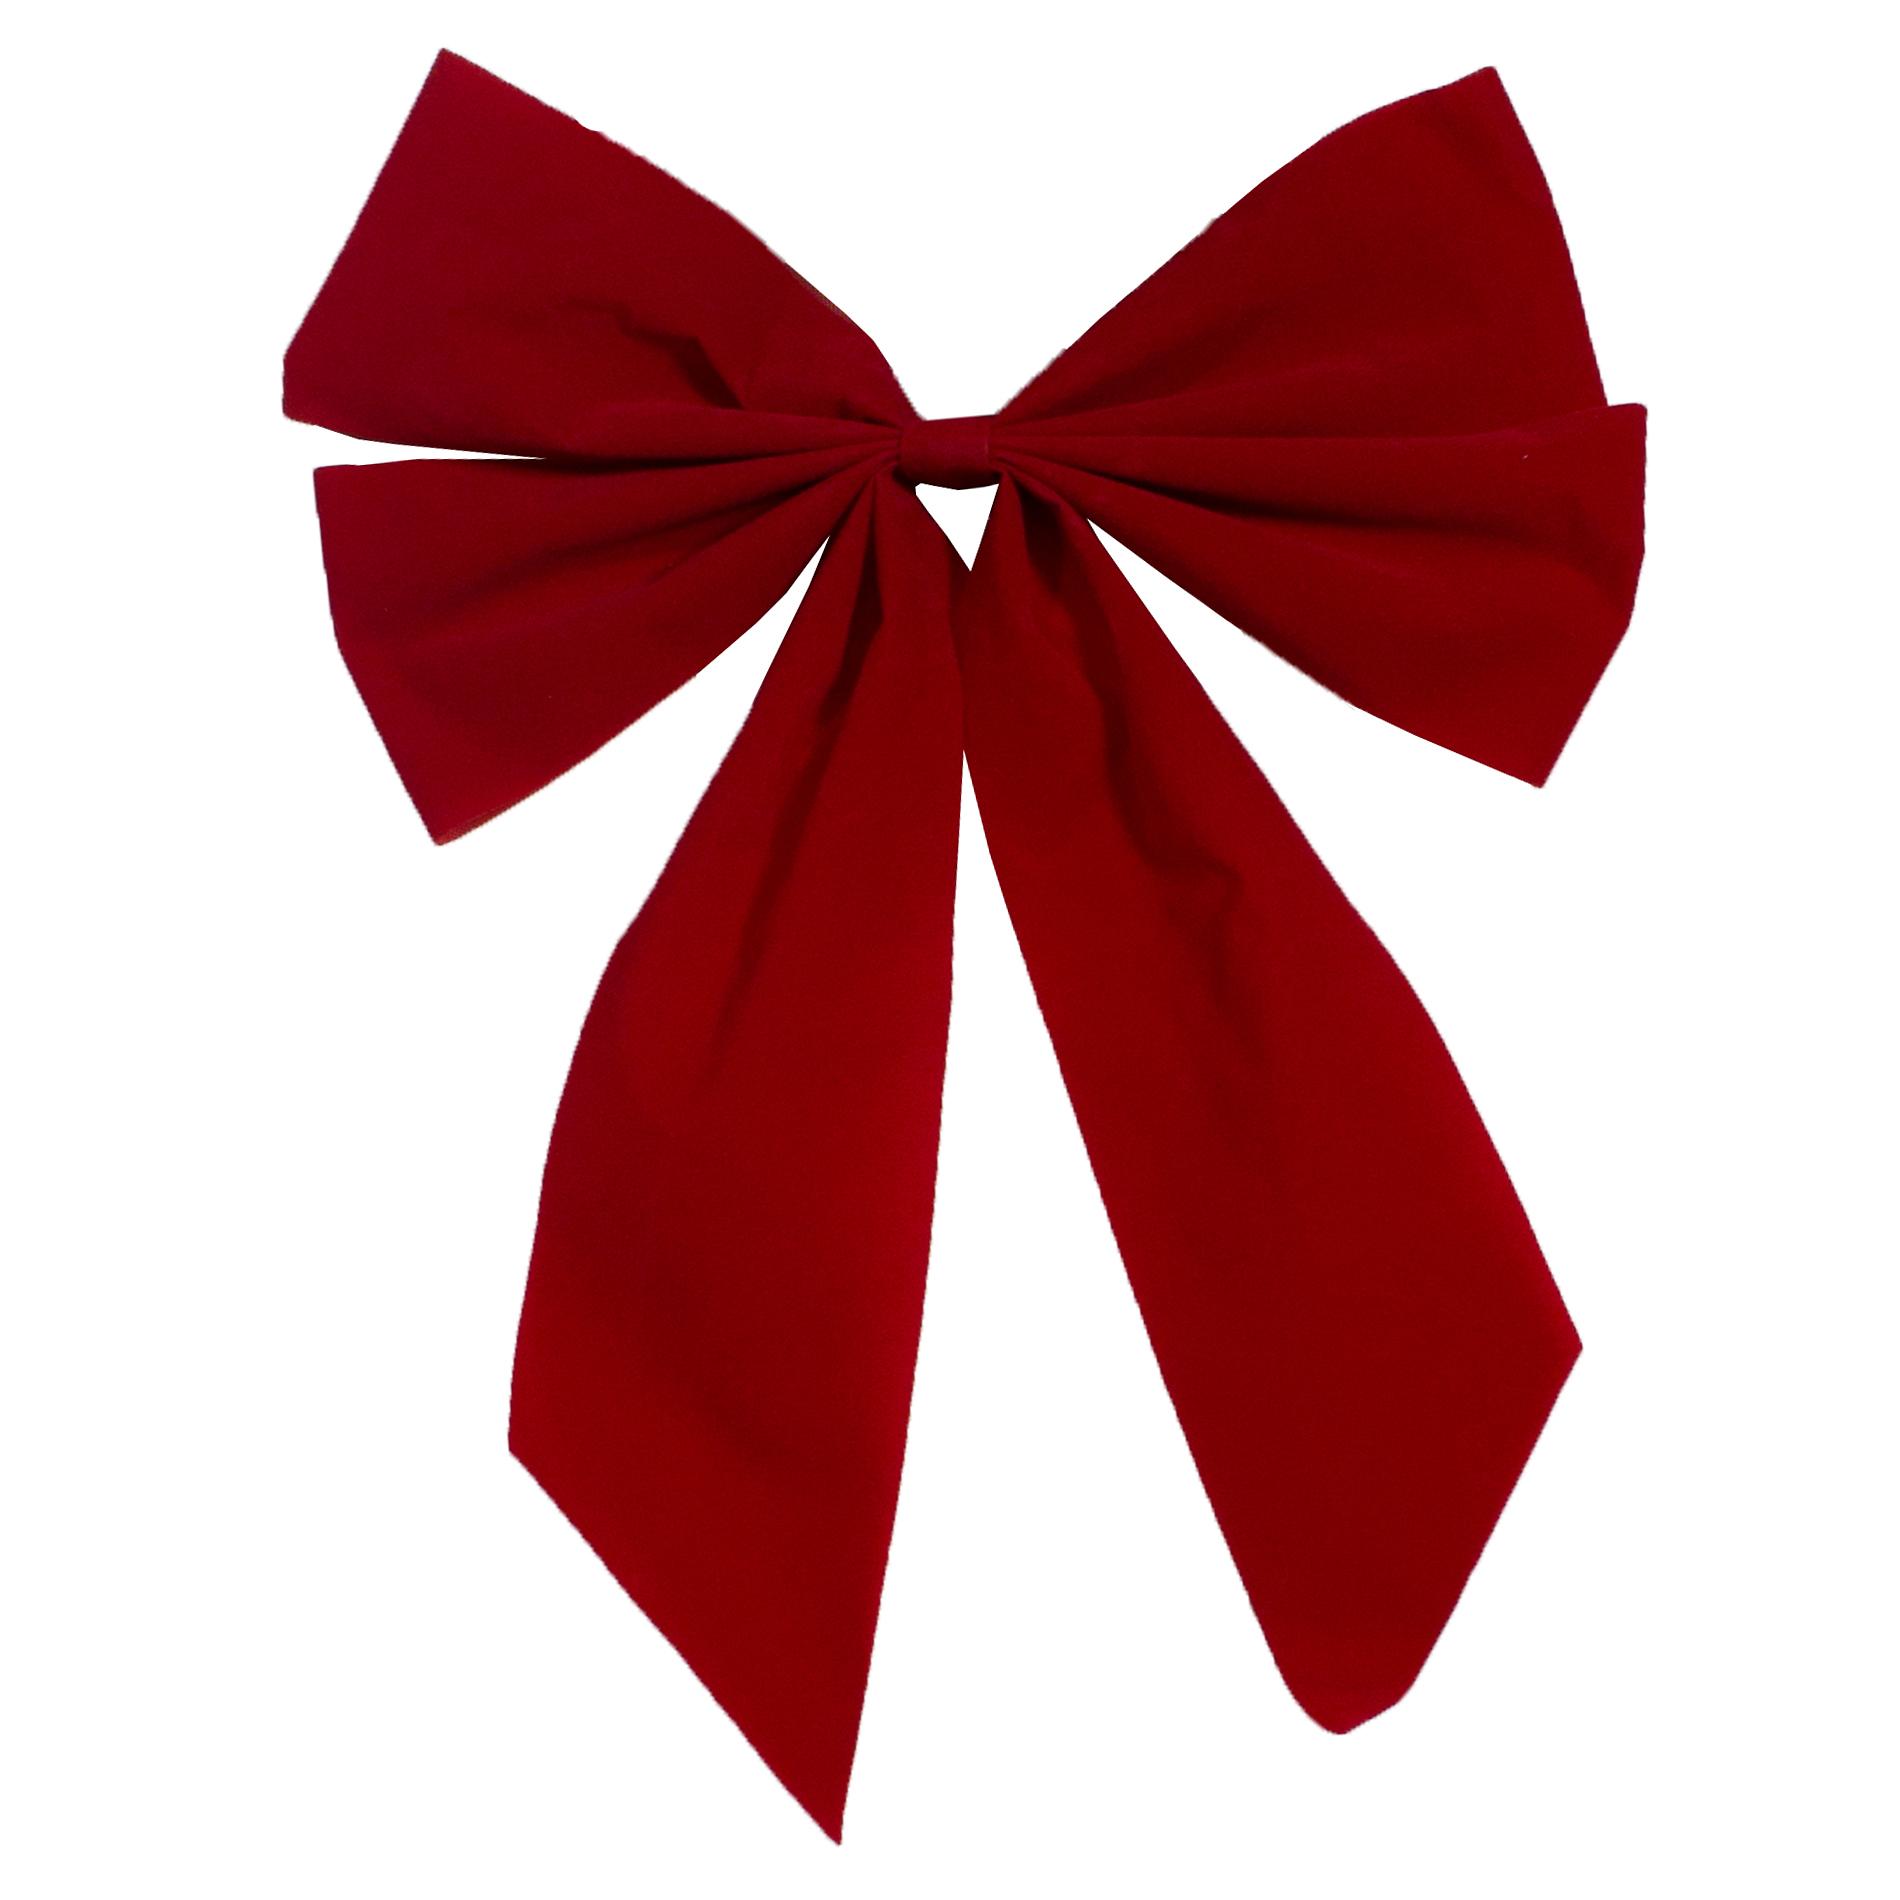 Trim A Home 11x16 Red Basic Bow Clip Strip im test